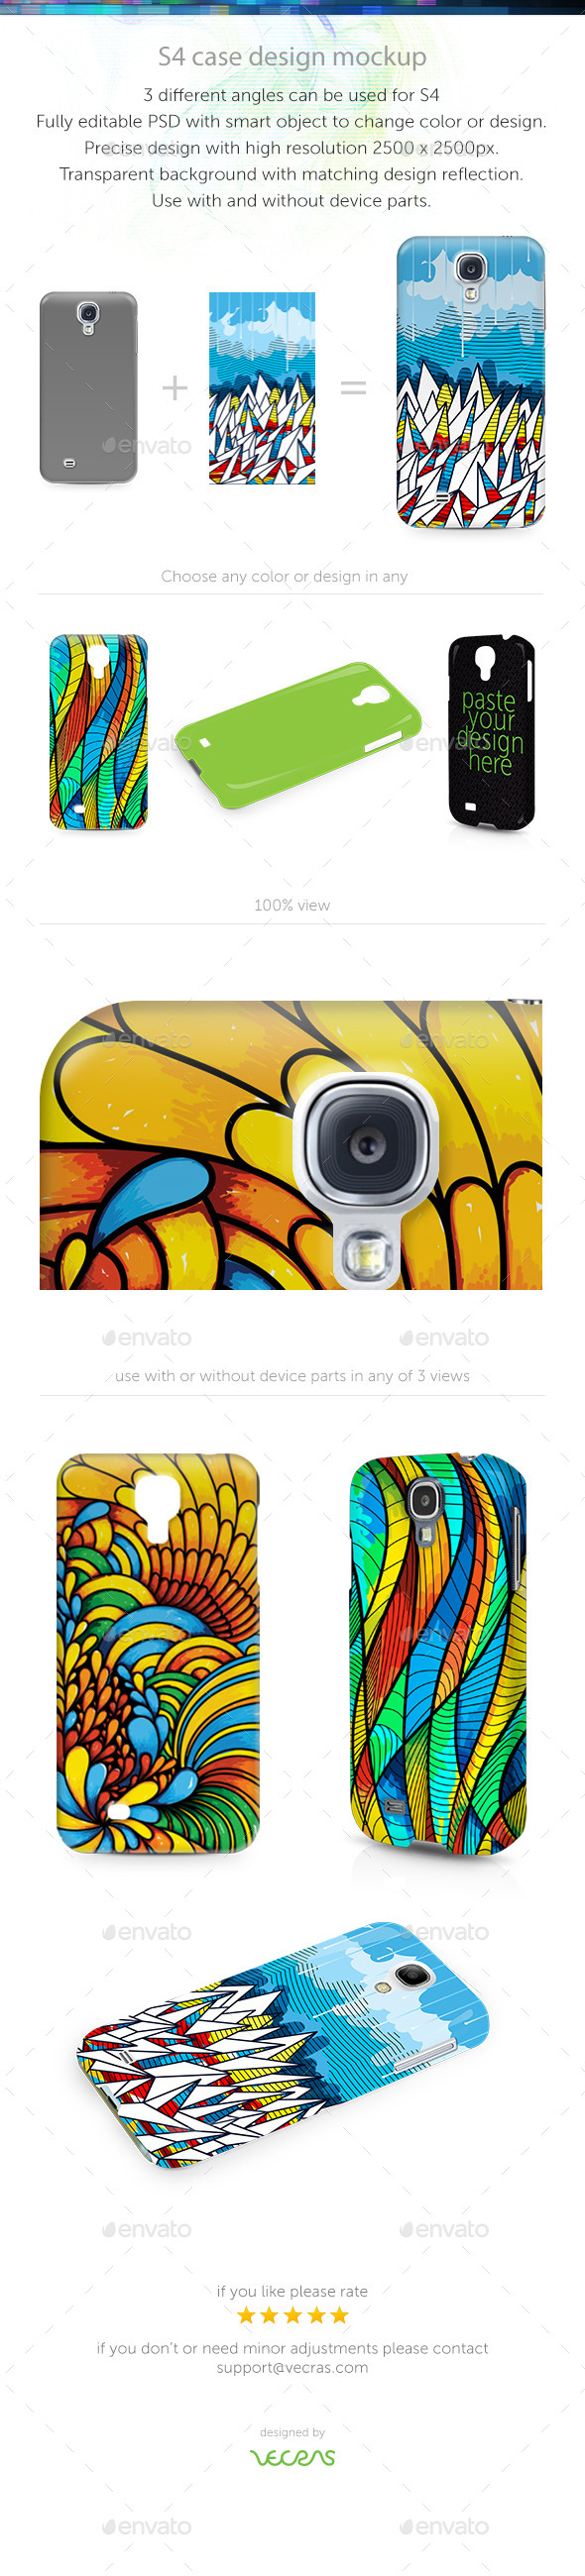 GraphicRiver S4 Case Design Mockup 9694012